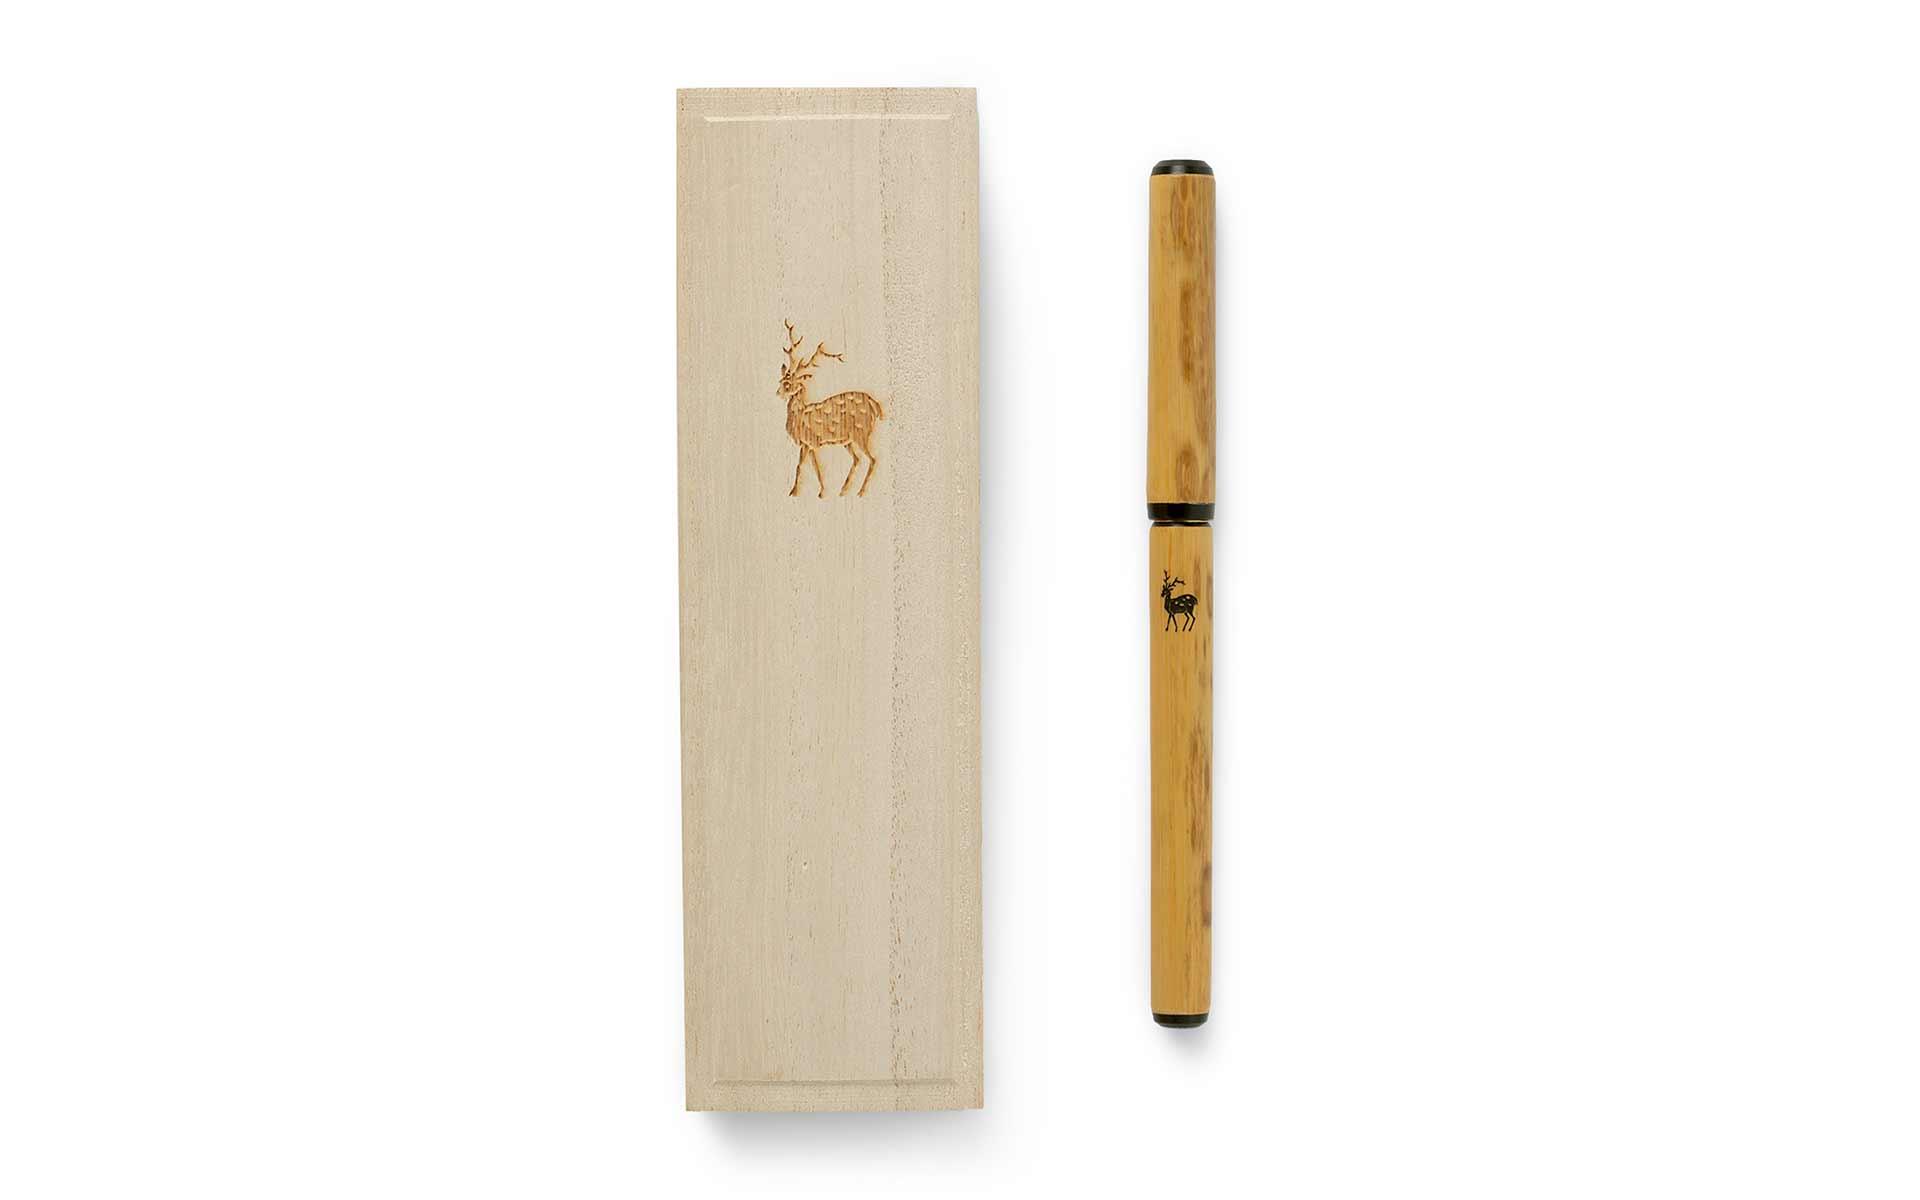 新生活に贈る 古都の筆ペン